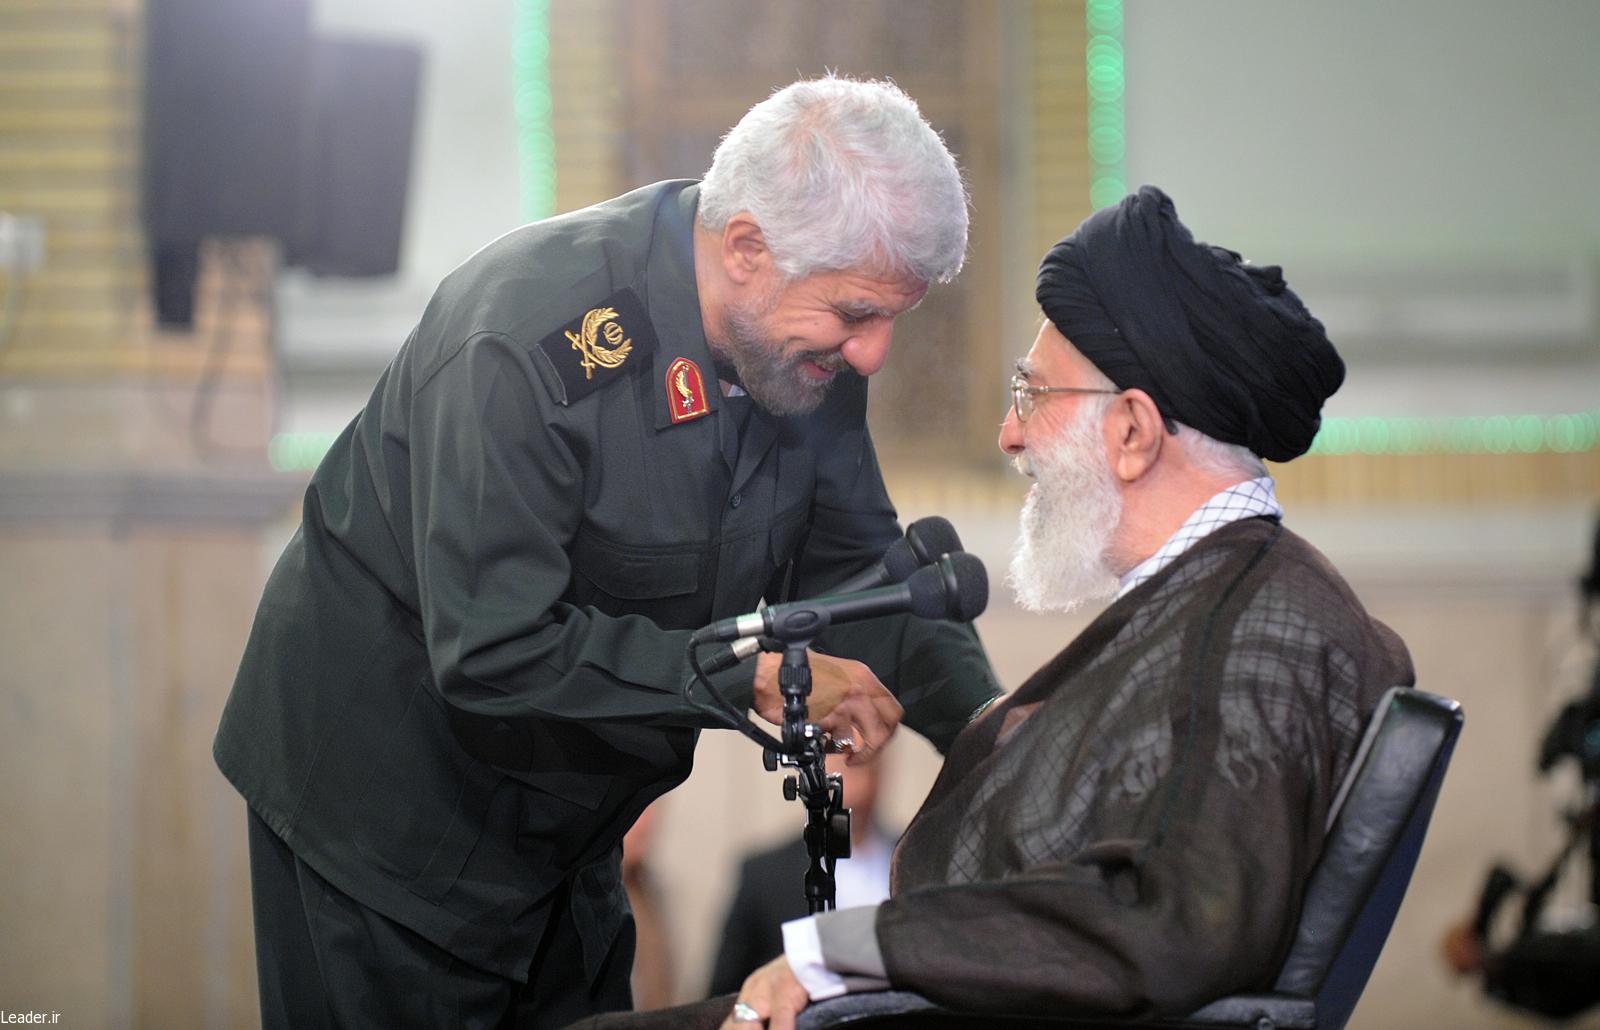 مداحی حاج صادق آهنگران در محضر رهبر انقلاب اسلامی